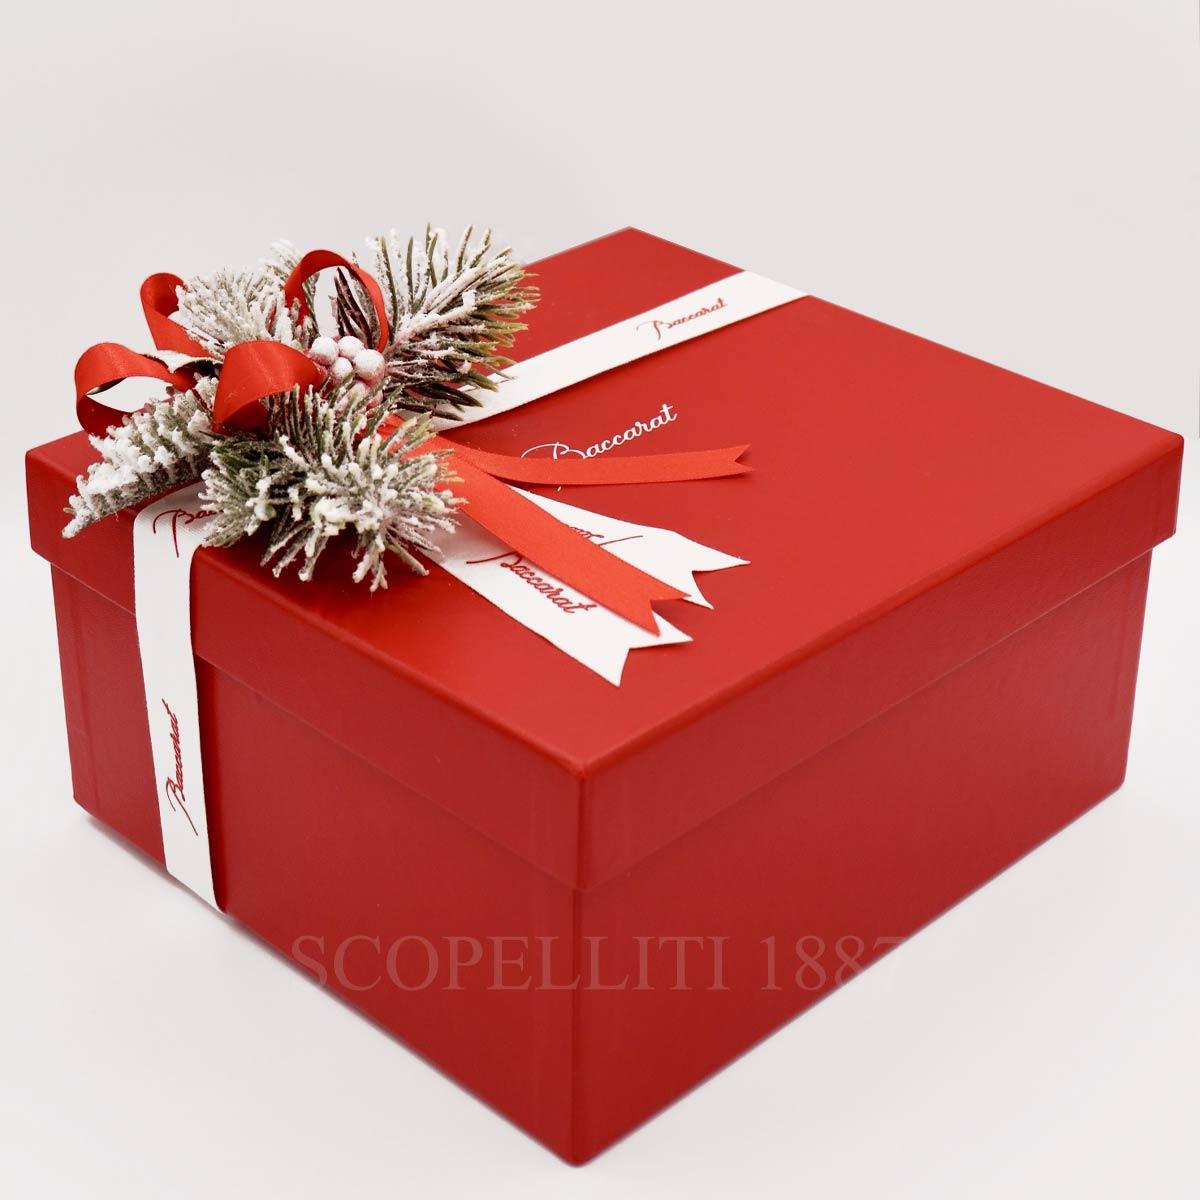 baccarat christmas box